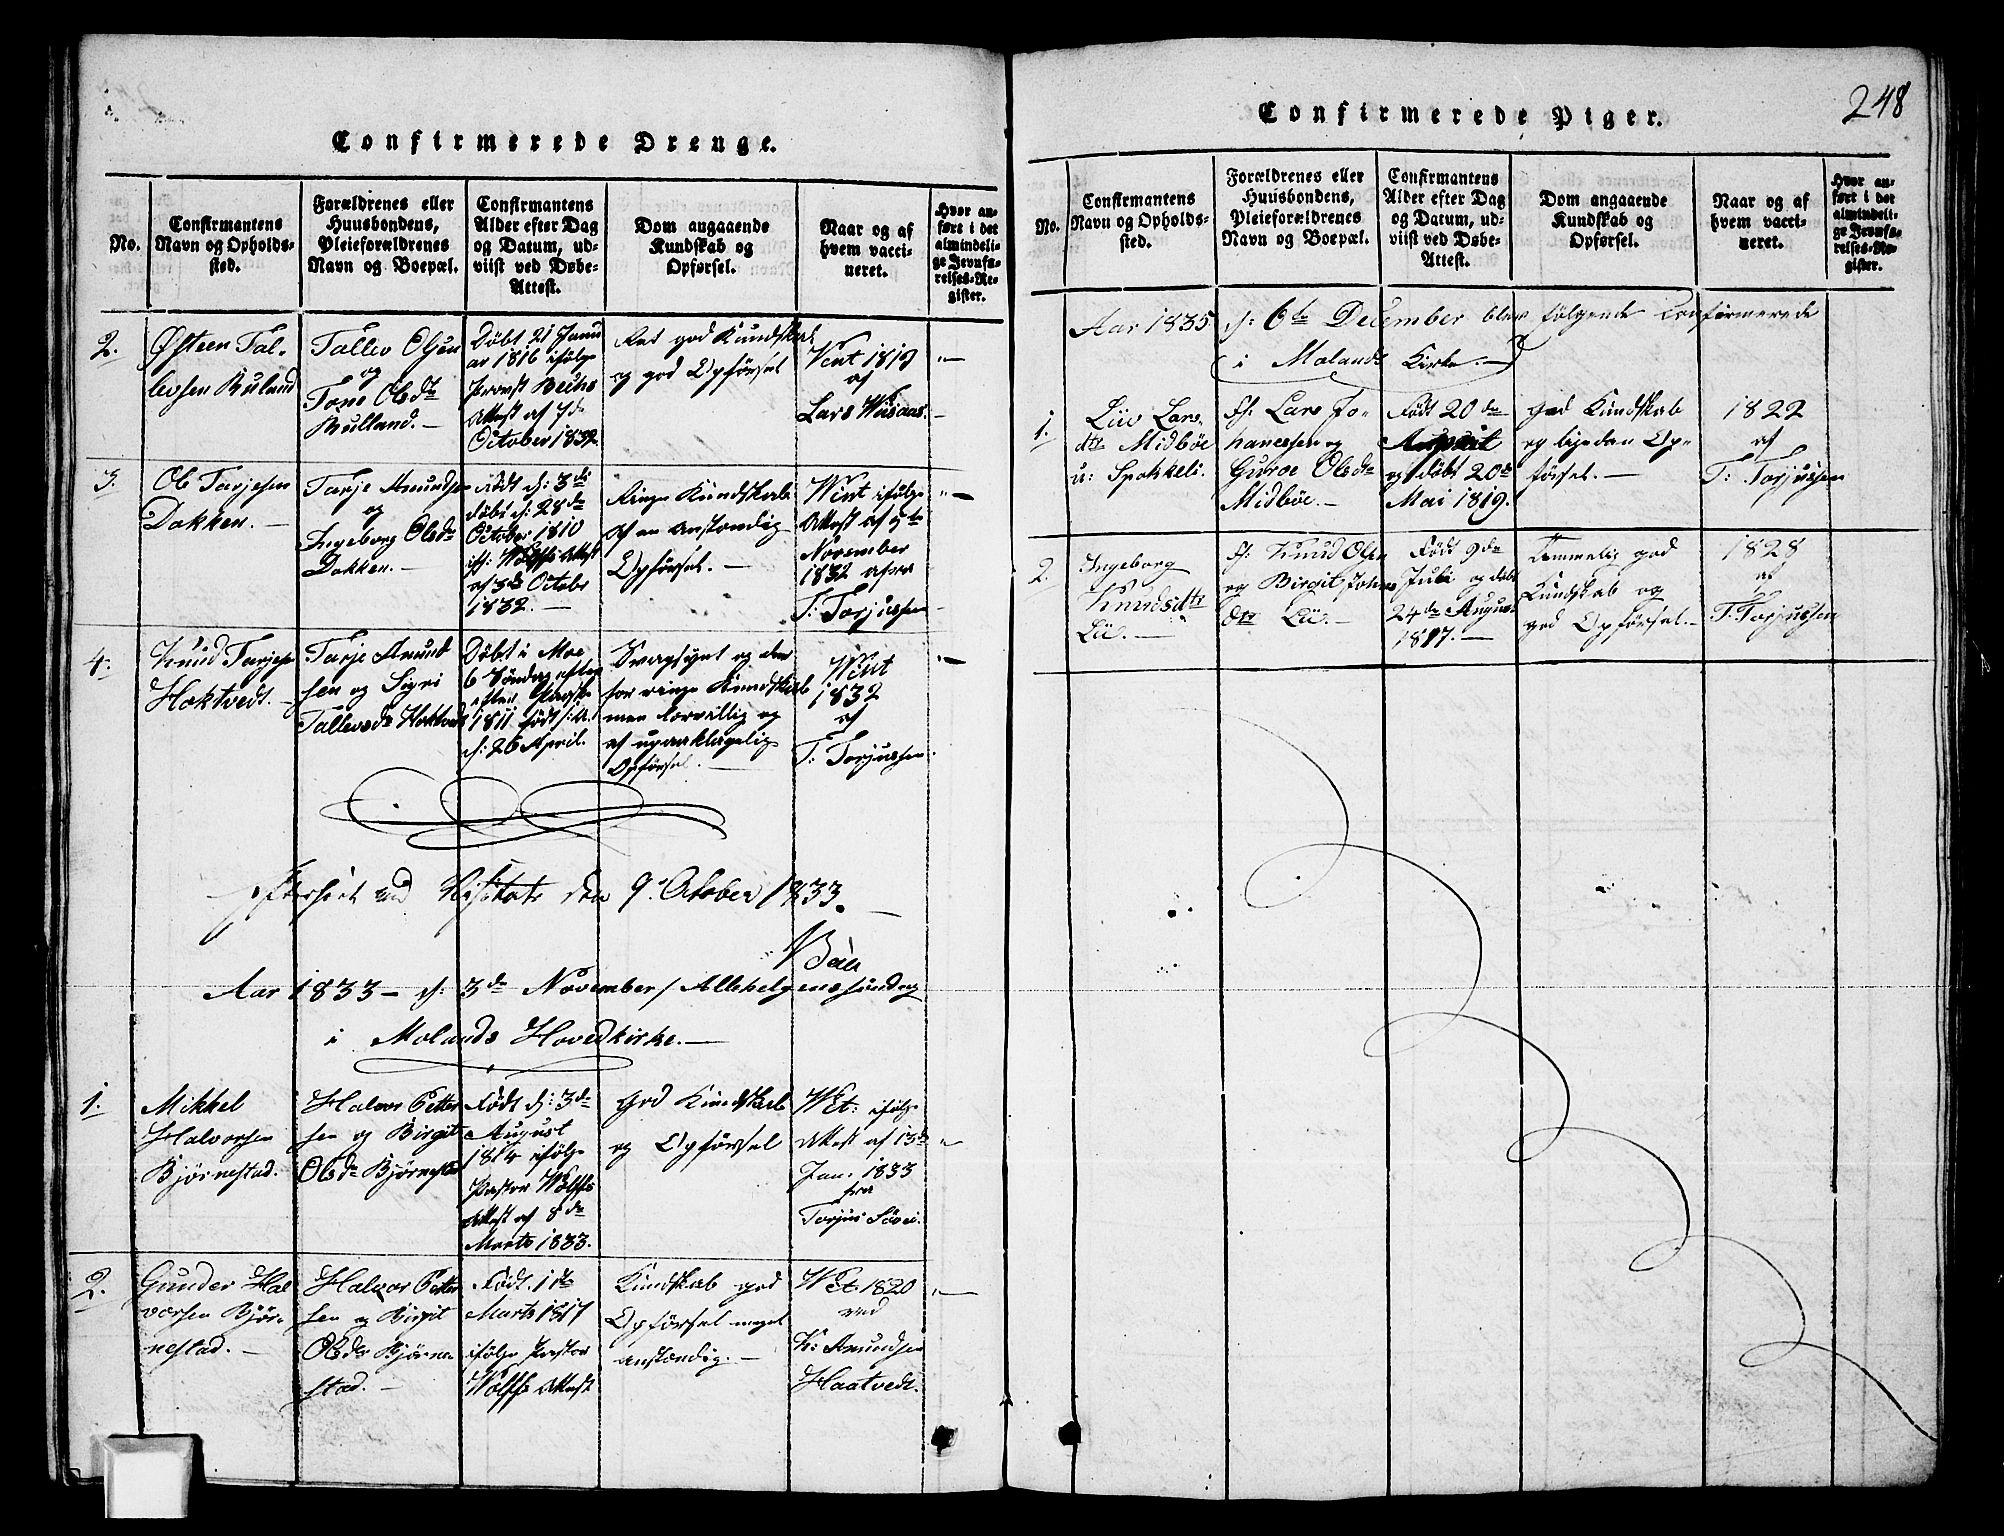 SAKO, Fyresdal kirkebøker, G/Ga/L0003: Klokkerbok nr. I 3, 1815-1863, s. 248